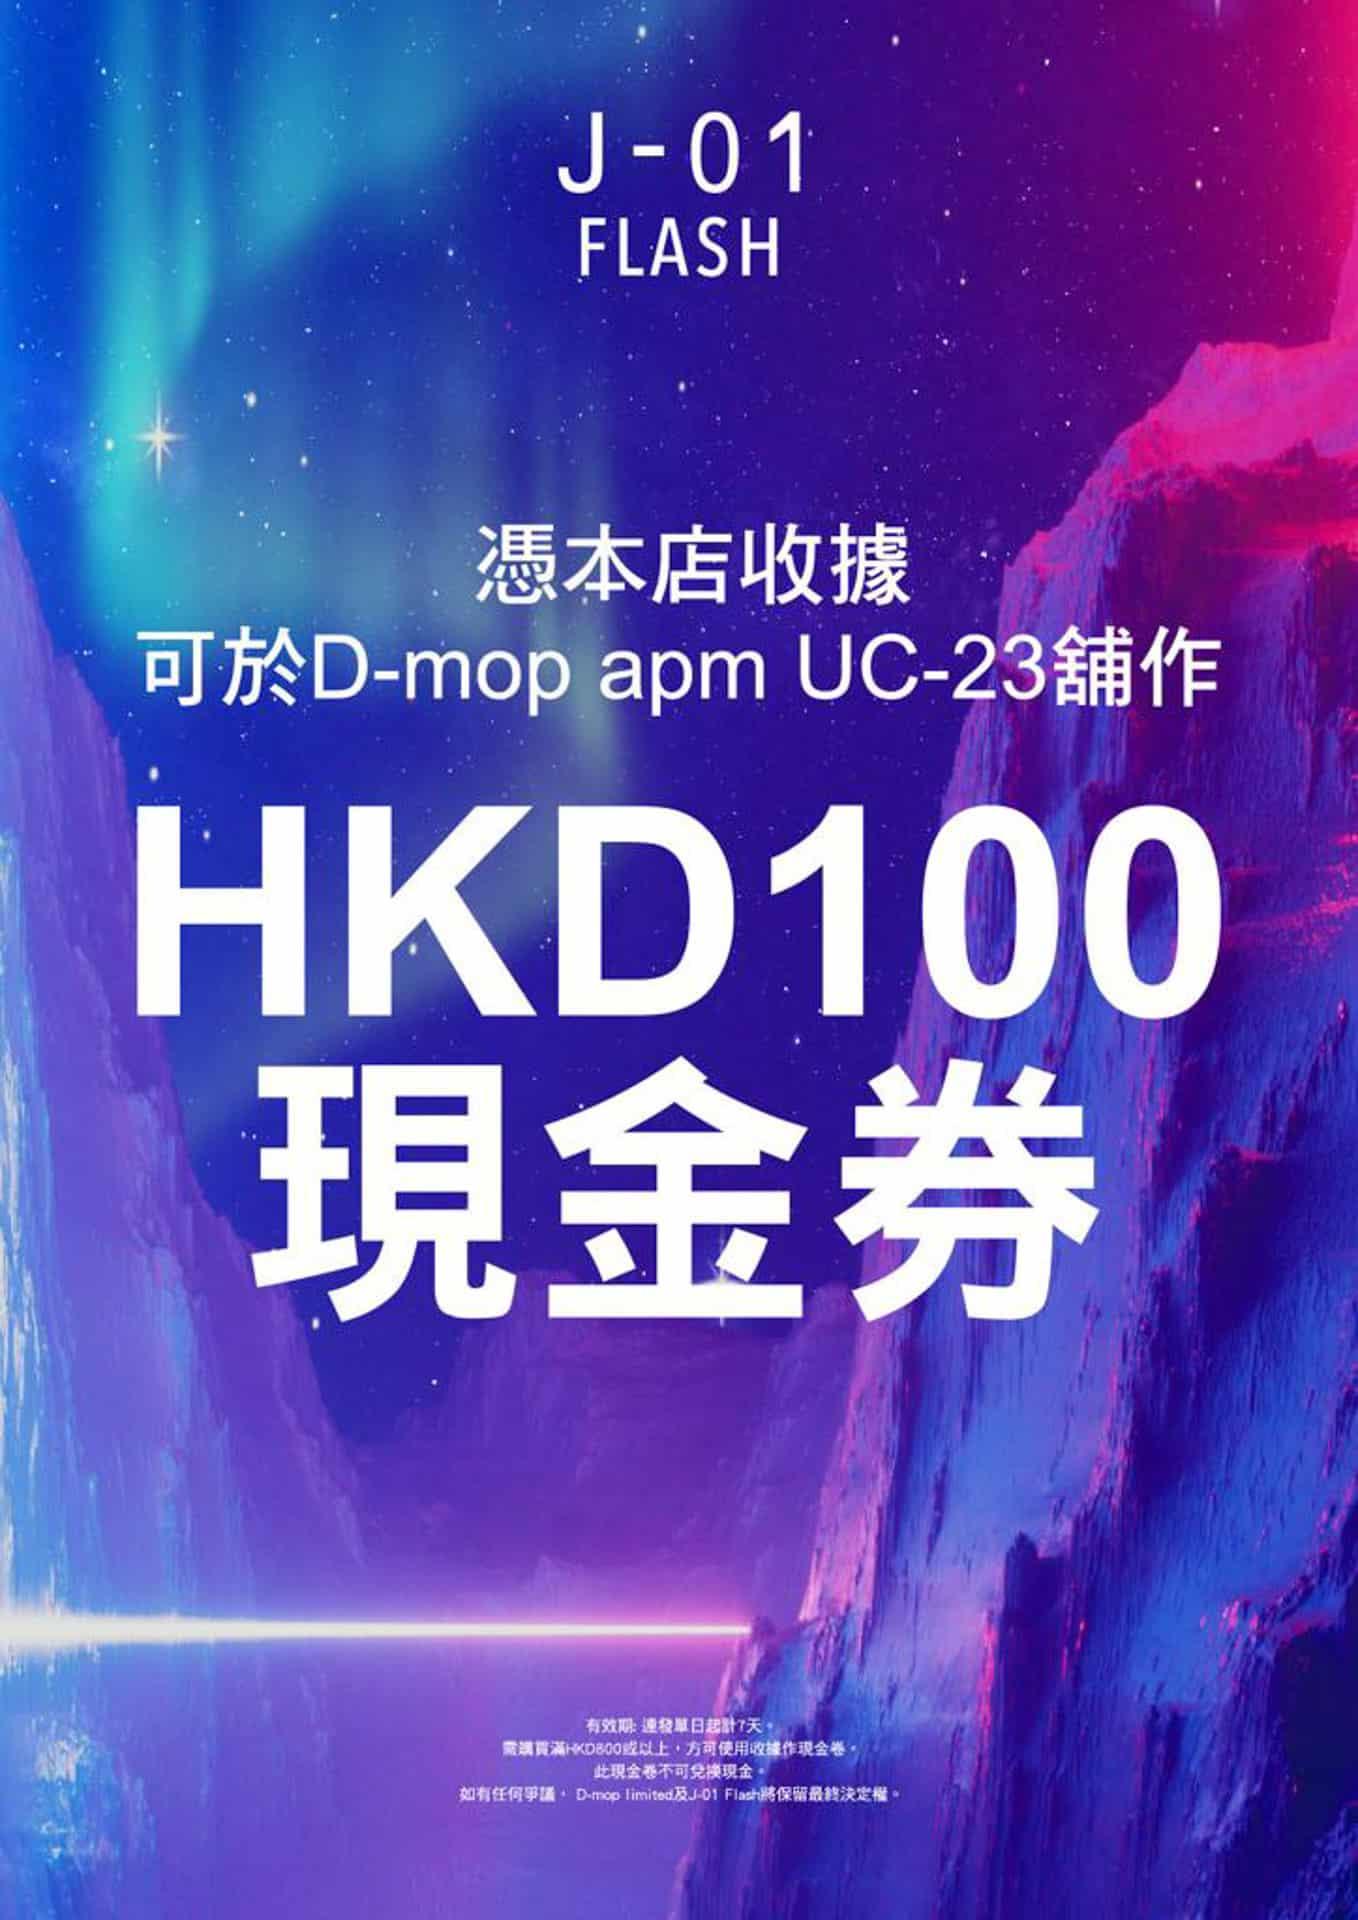 apm:J-01 FLASH期間限定店 收據可於D-mop apm UC-23舖購物滿HK$800作HK$100現金券使用。